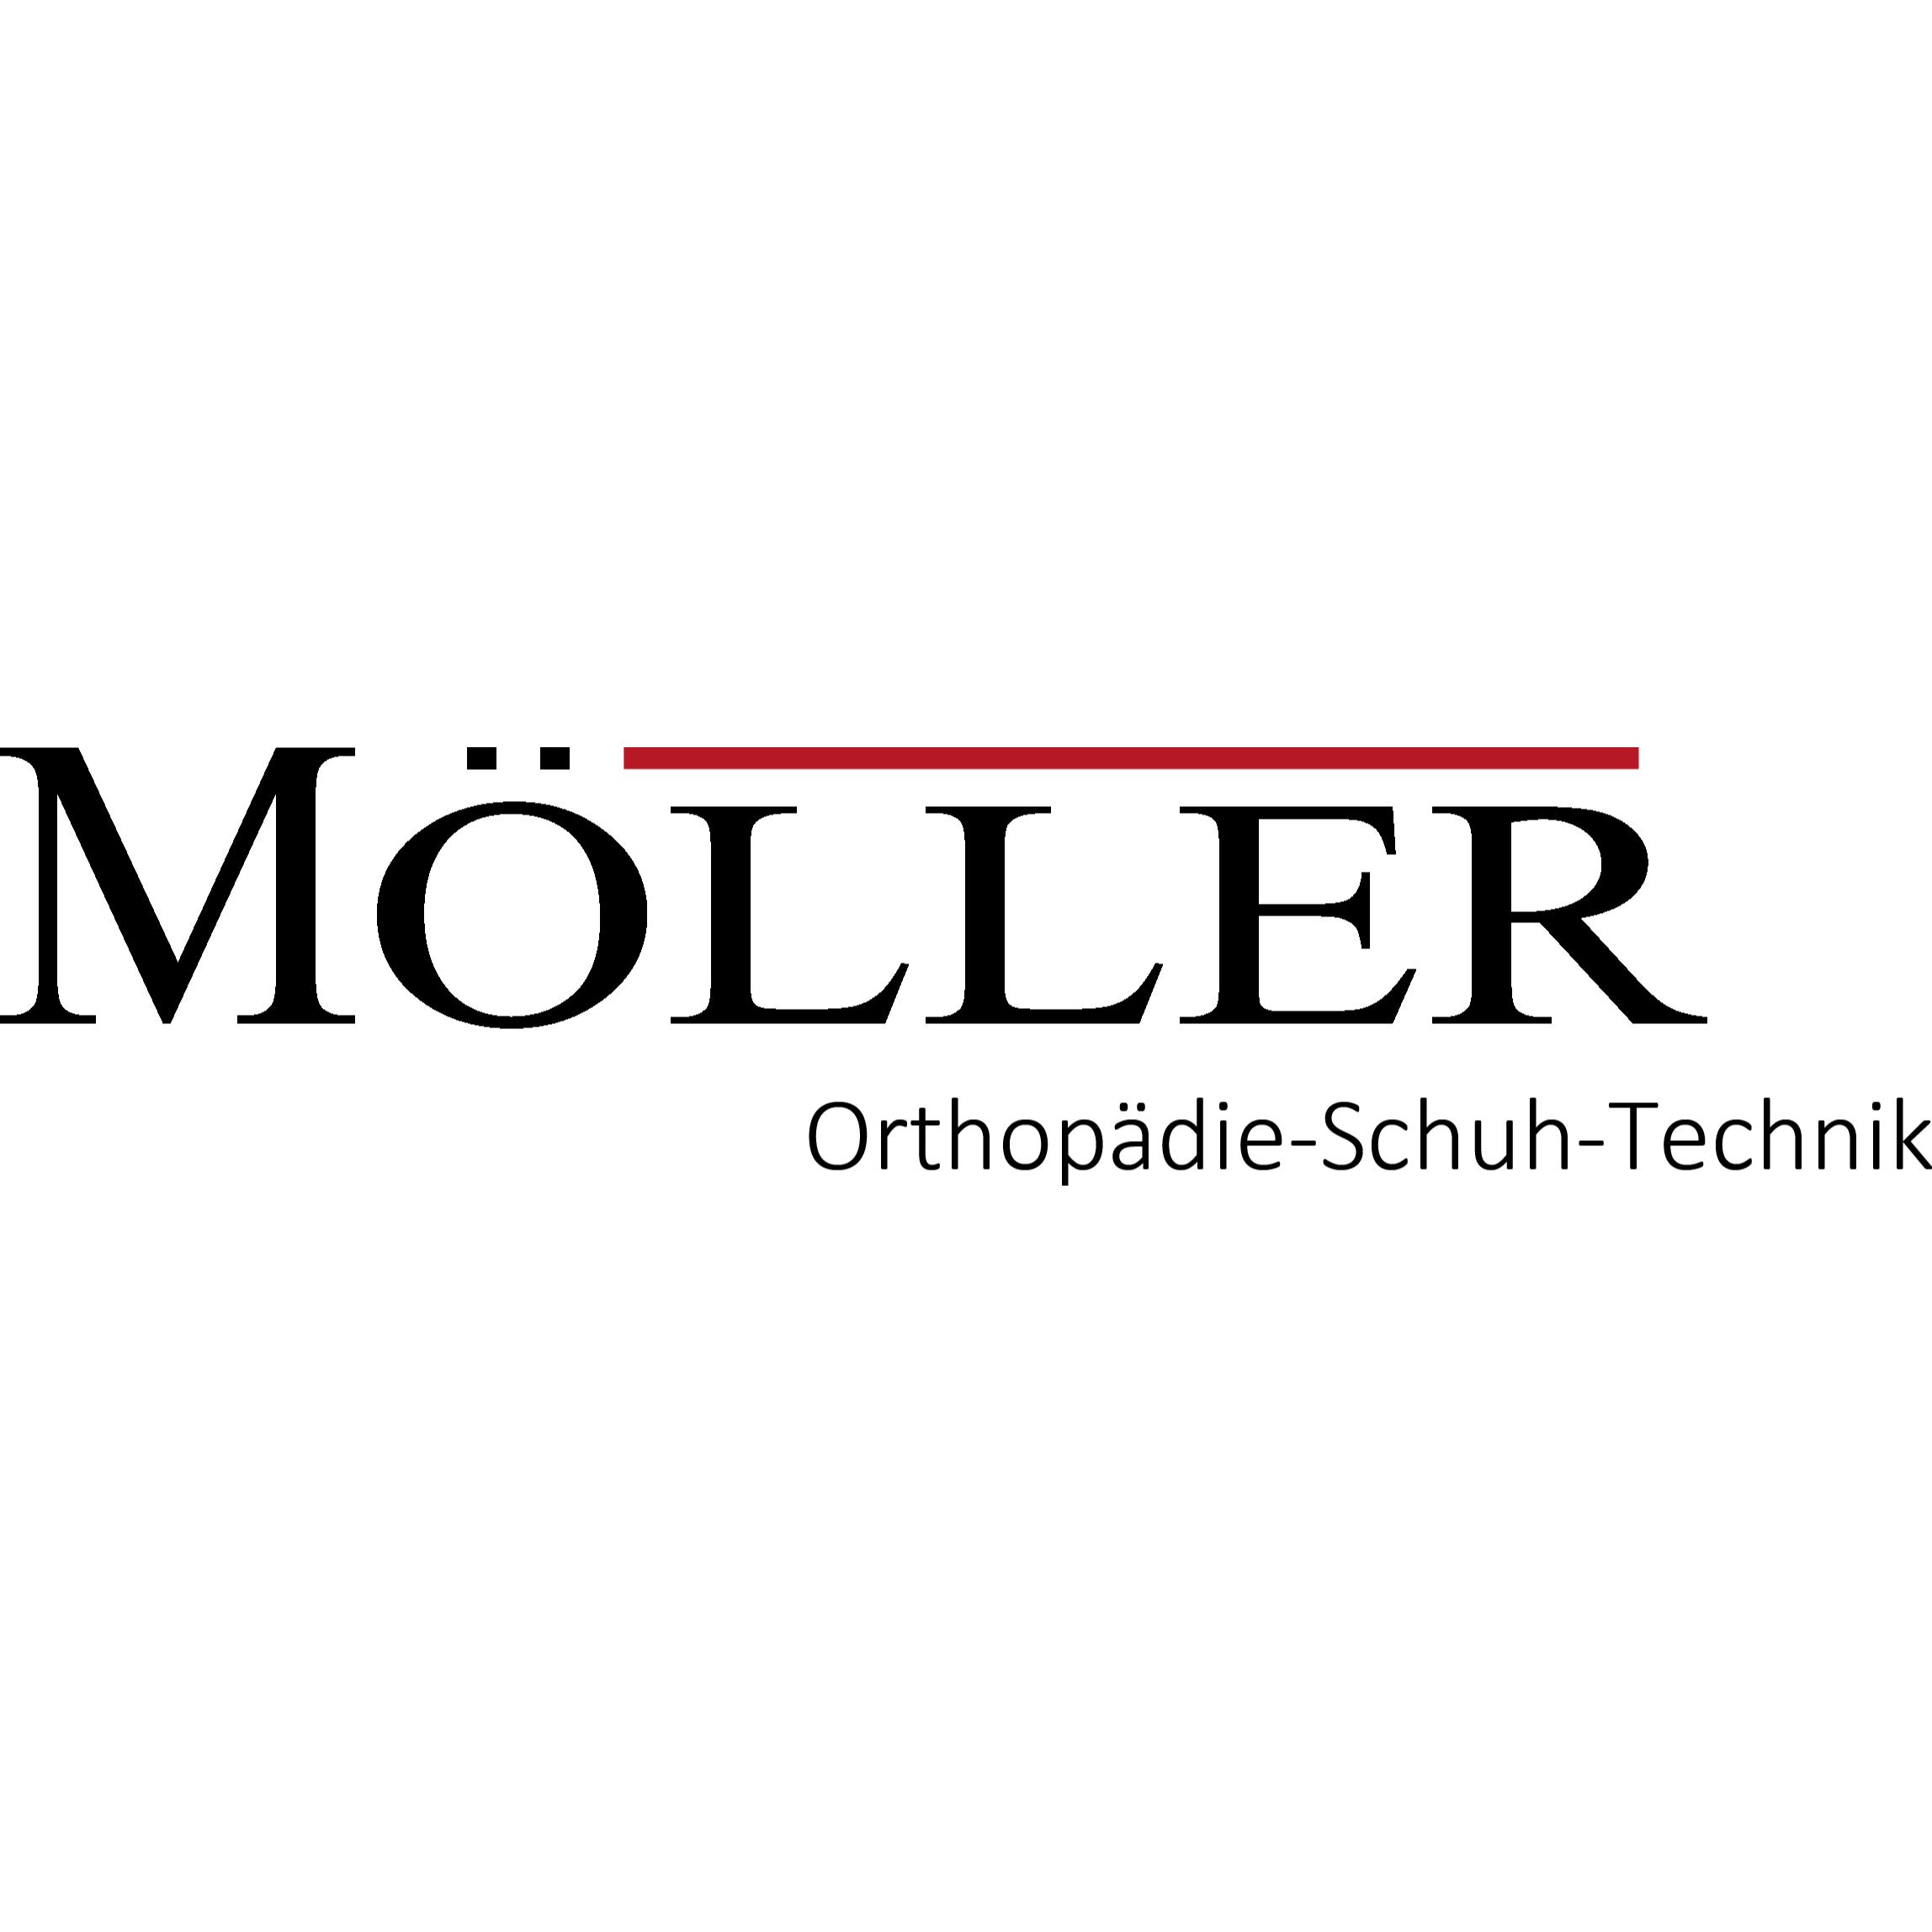 Bild zu Möller Orthopädie-Schuh-Technik in Münster